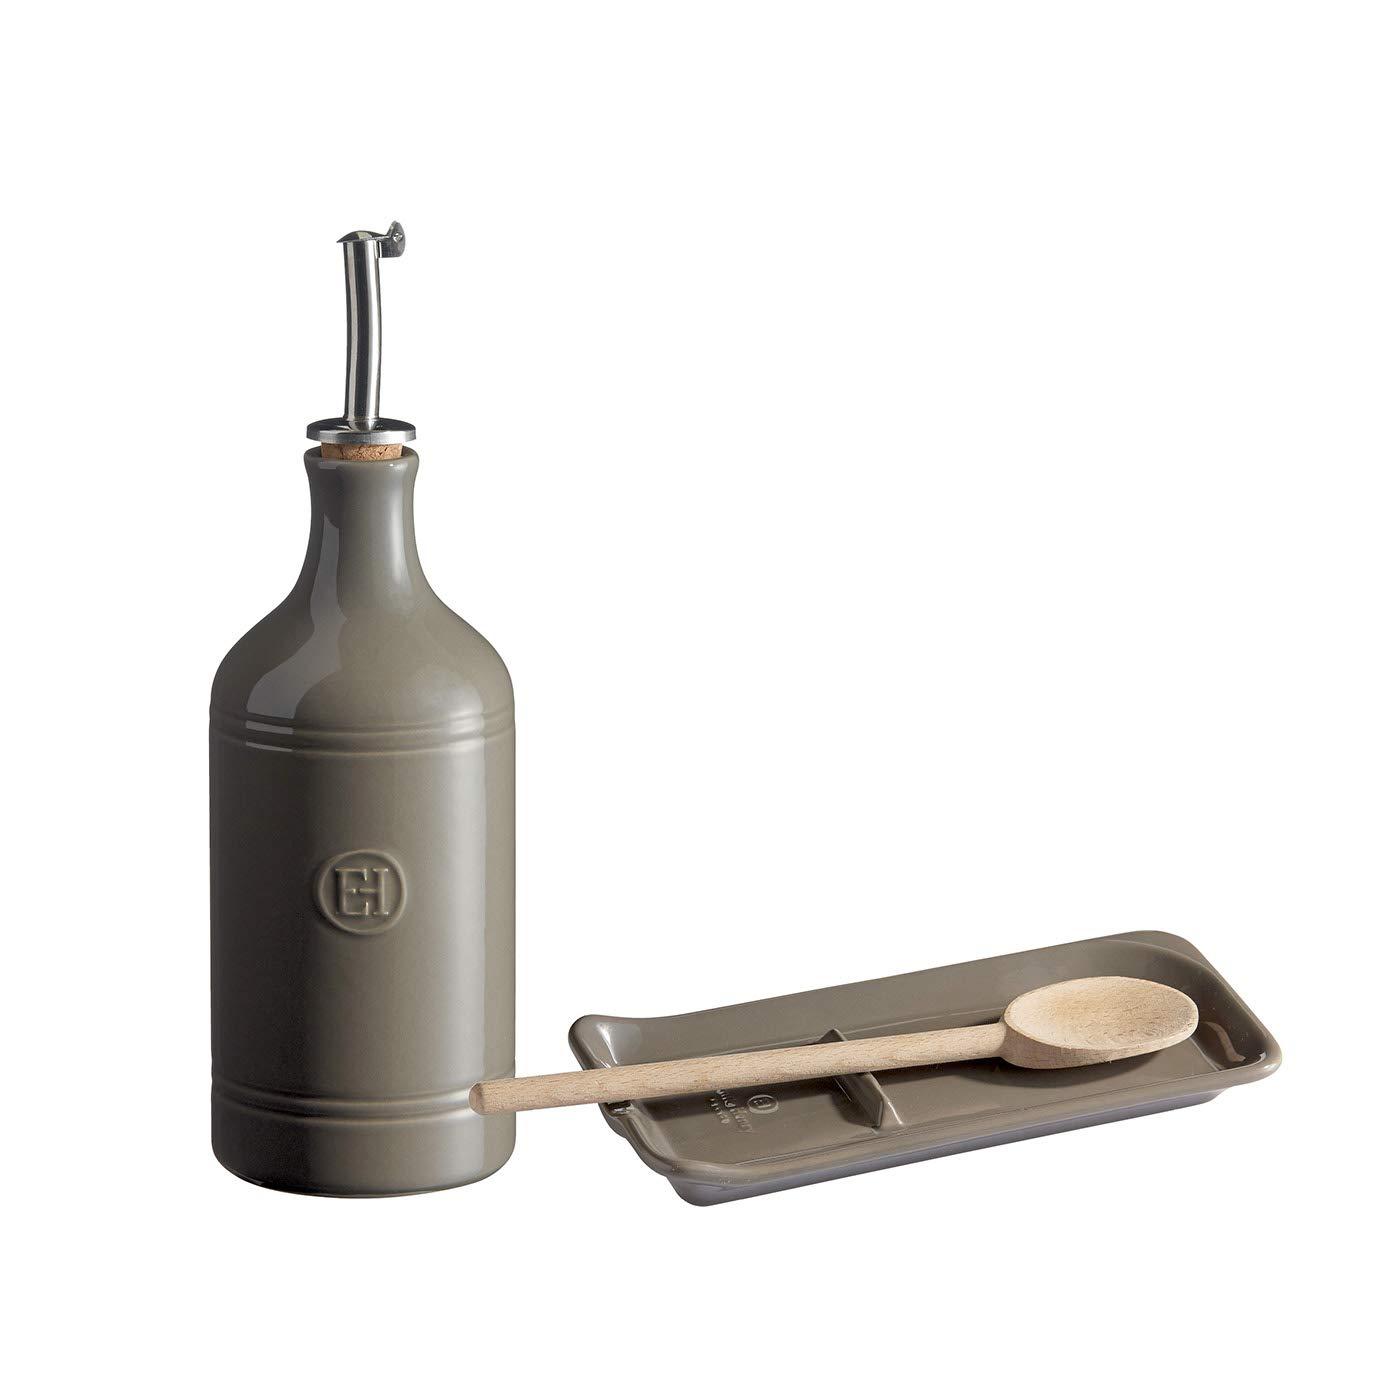 Emile Henry Oil Cruet & Spoon Rest Set with Wooden Spoon, Flint